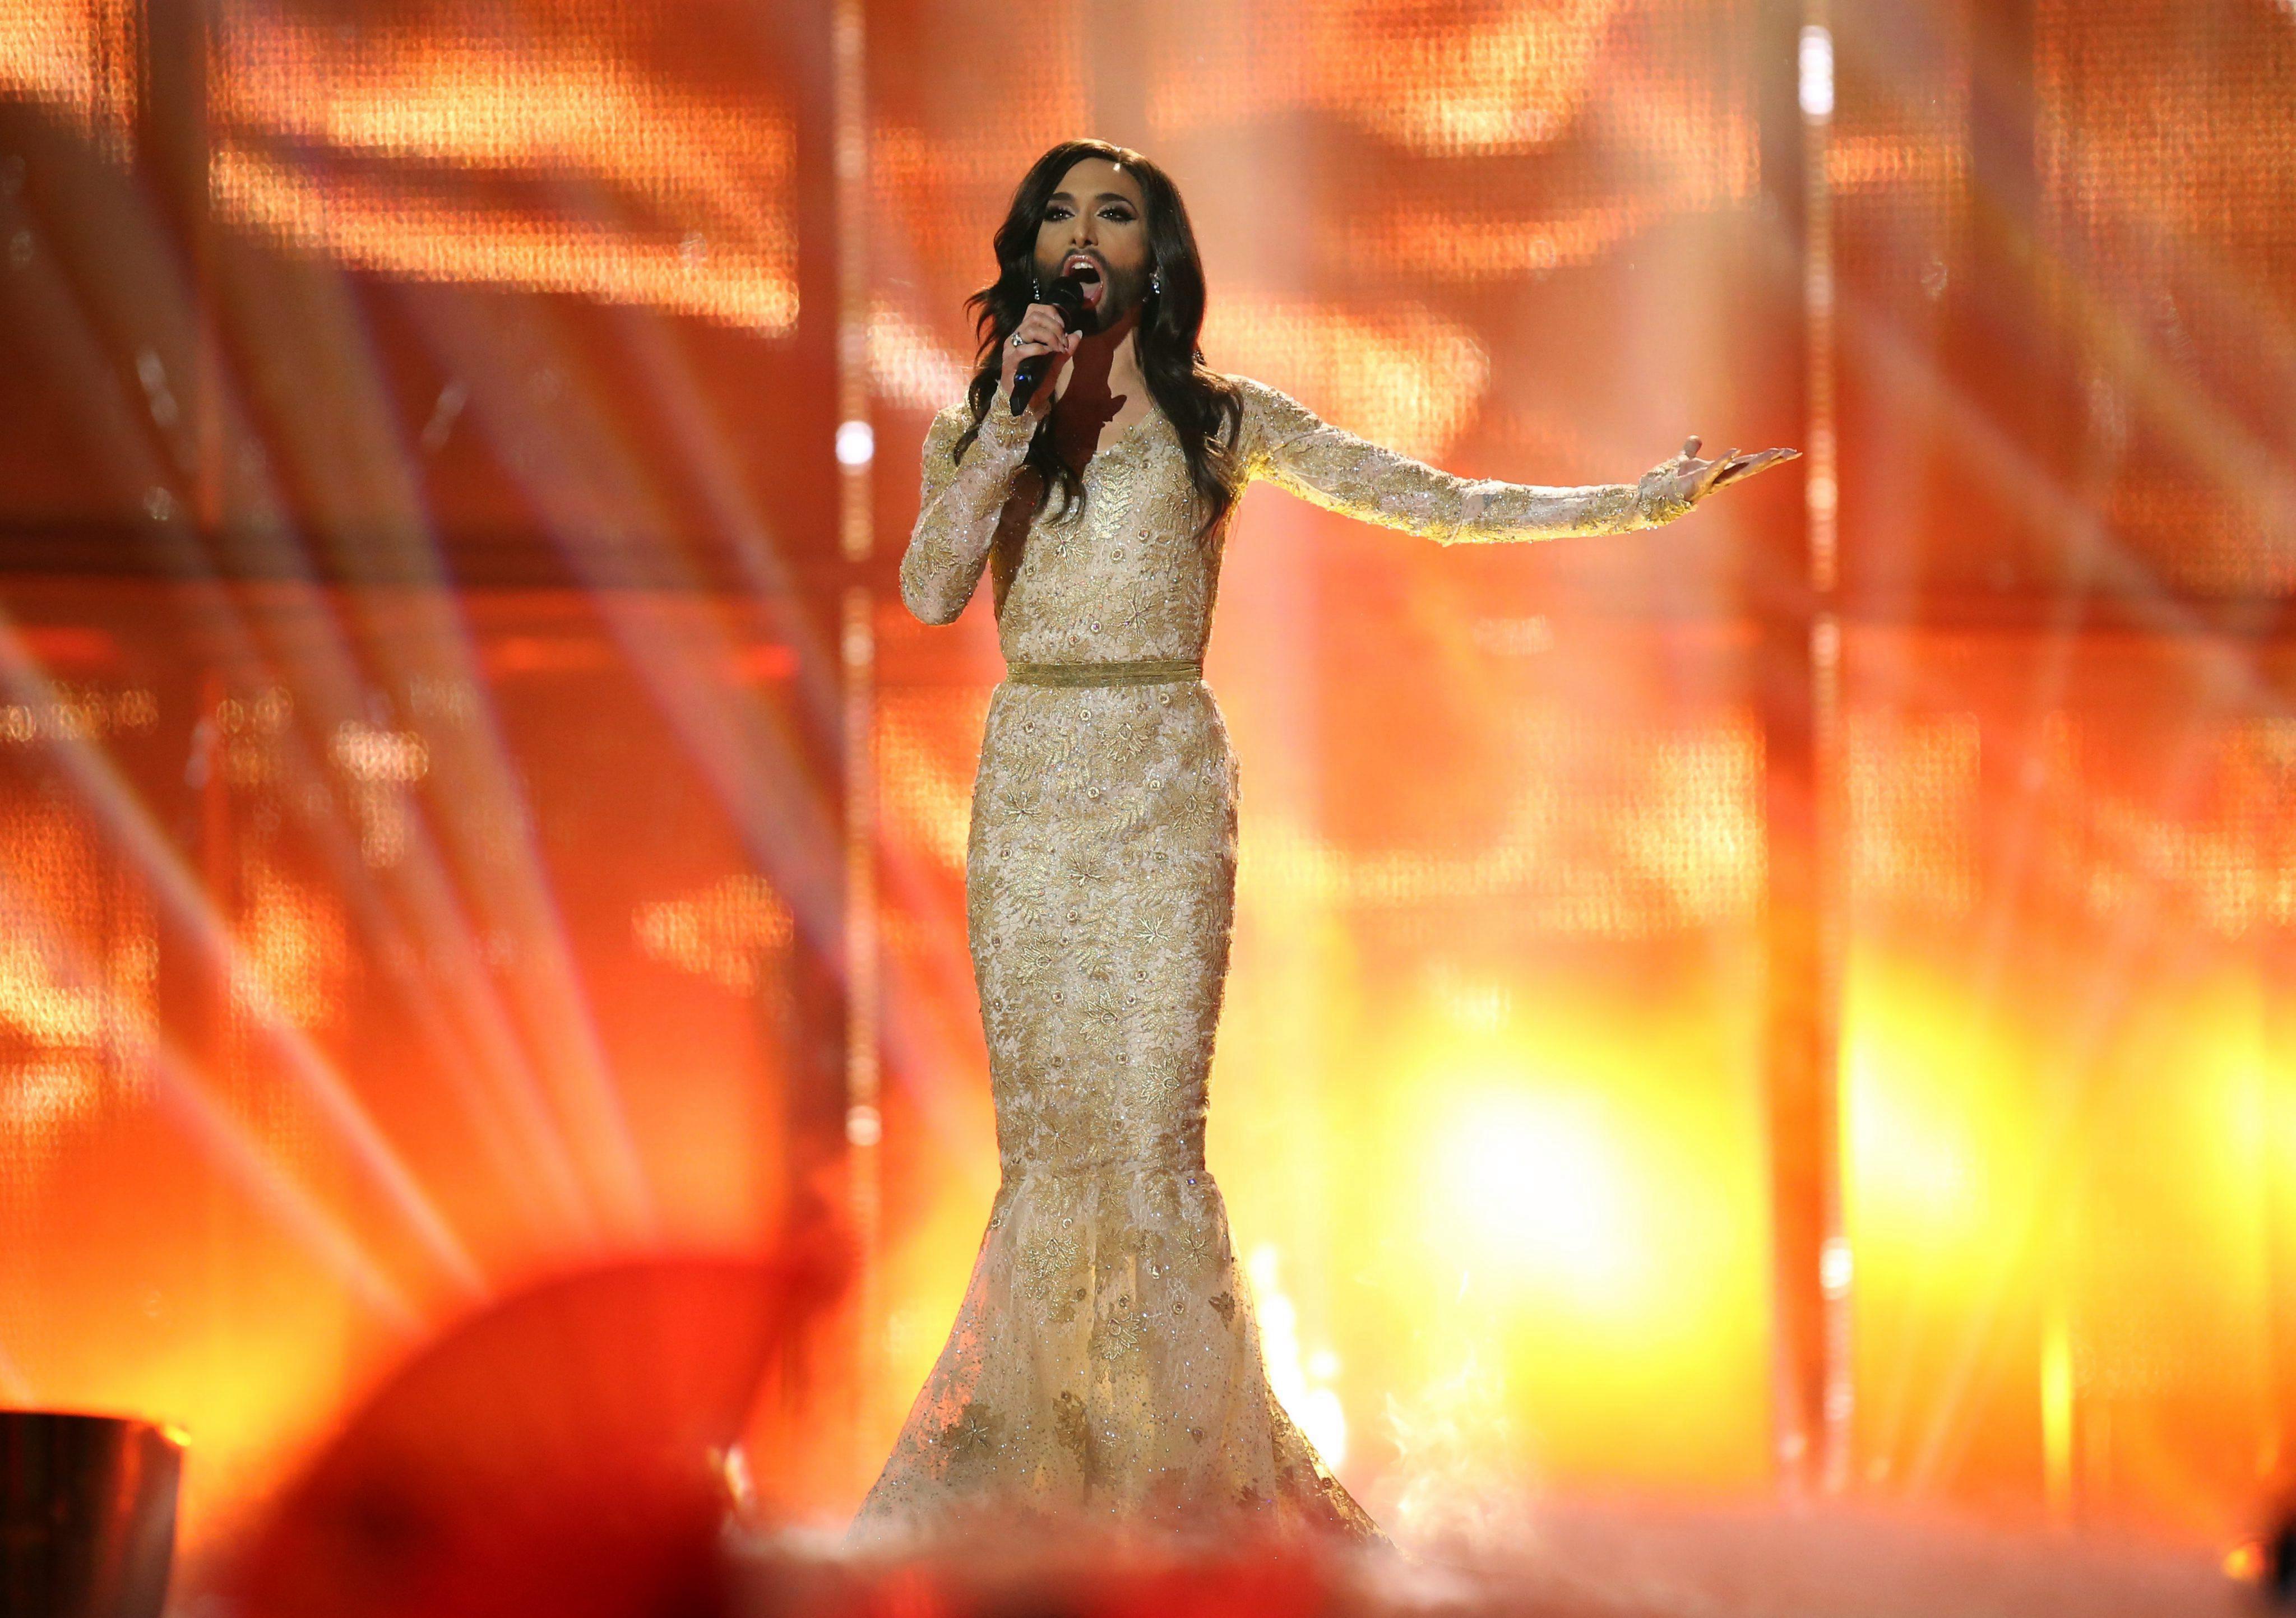 Eurovision Song Contest 2014 – Copenhagen